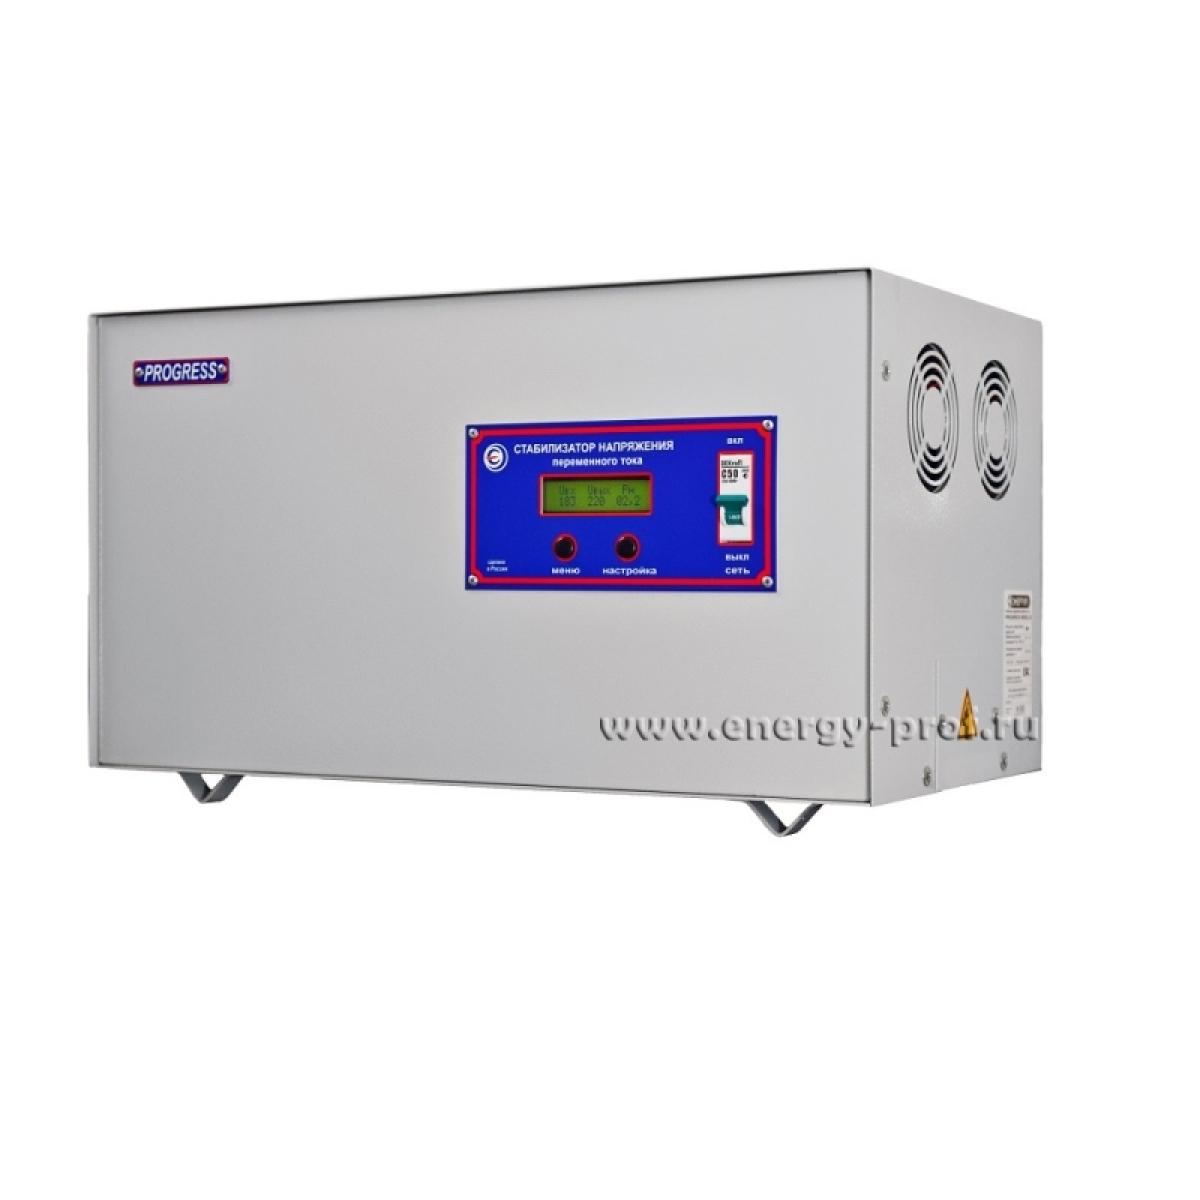 Однофазный стабилизатор PROGRESS 5000TR